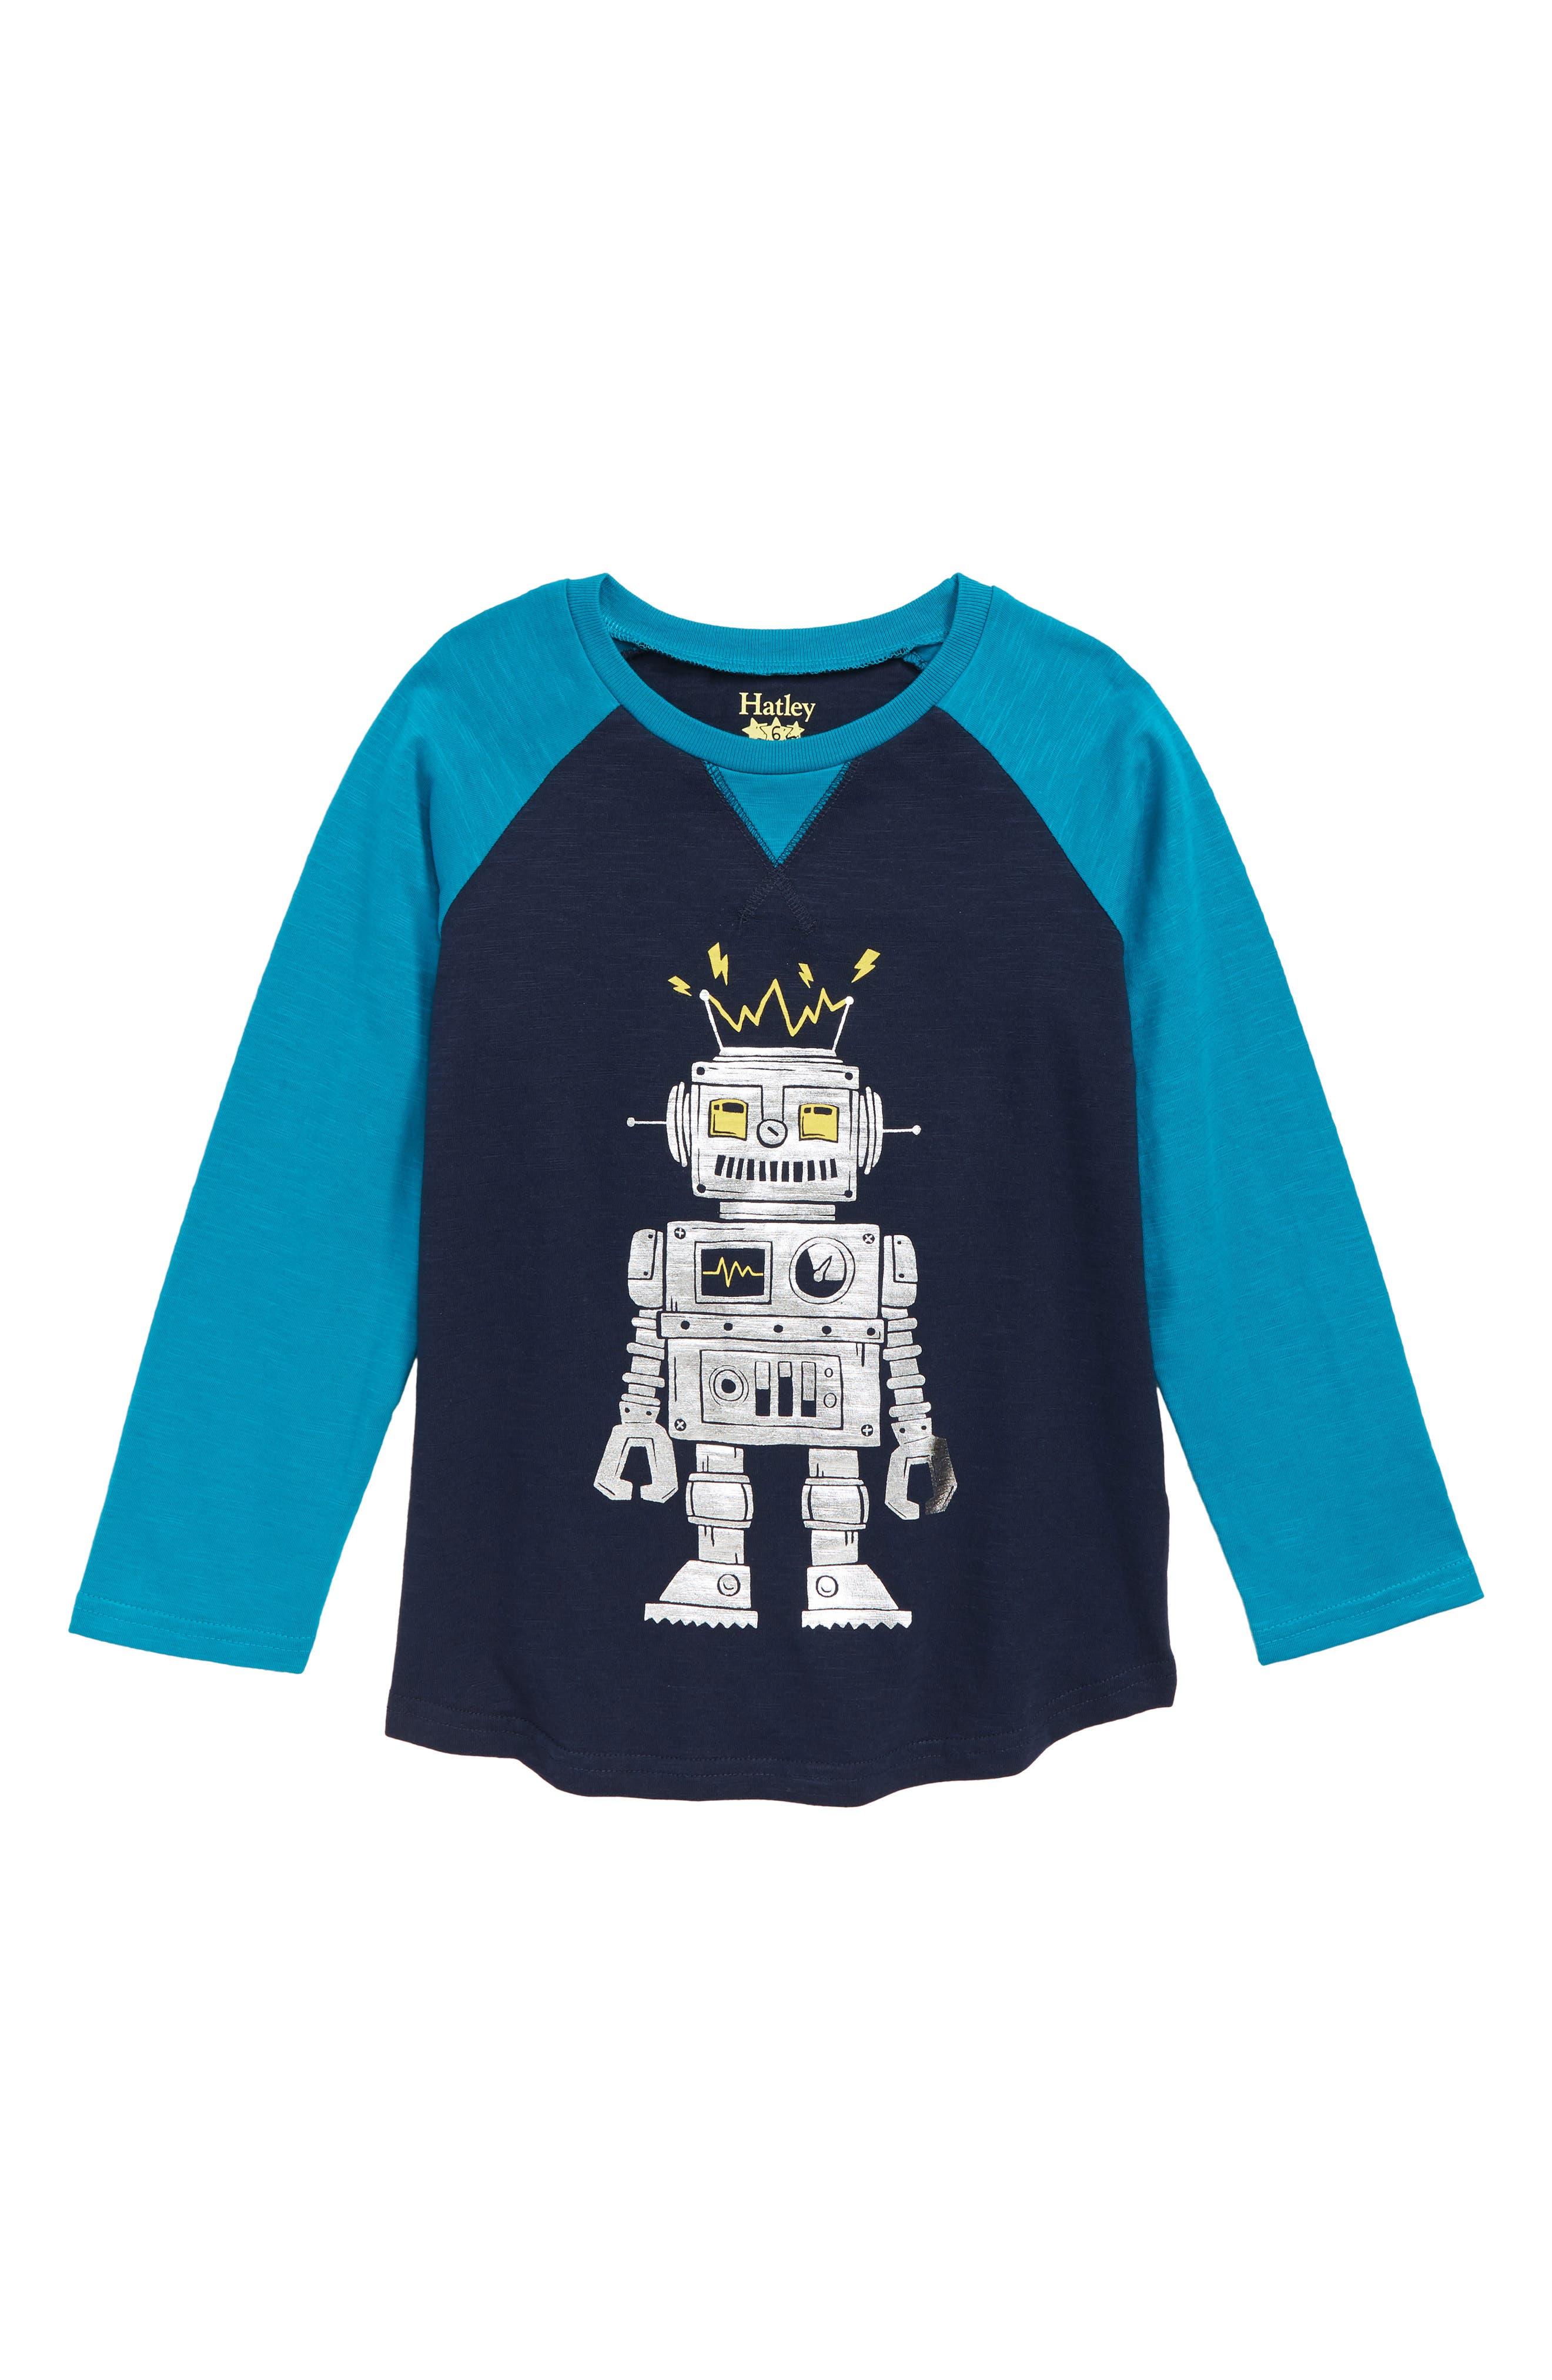 ZUGFGF-S3 American Barcode Flag Boy Girl Newborn Short Sleeve Tee Shirt 6-24 Month Cotton Tops